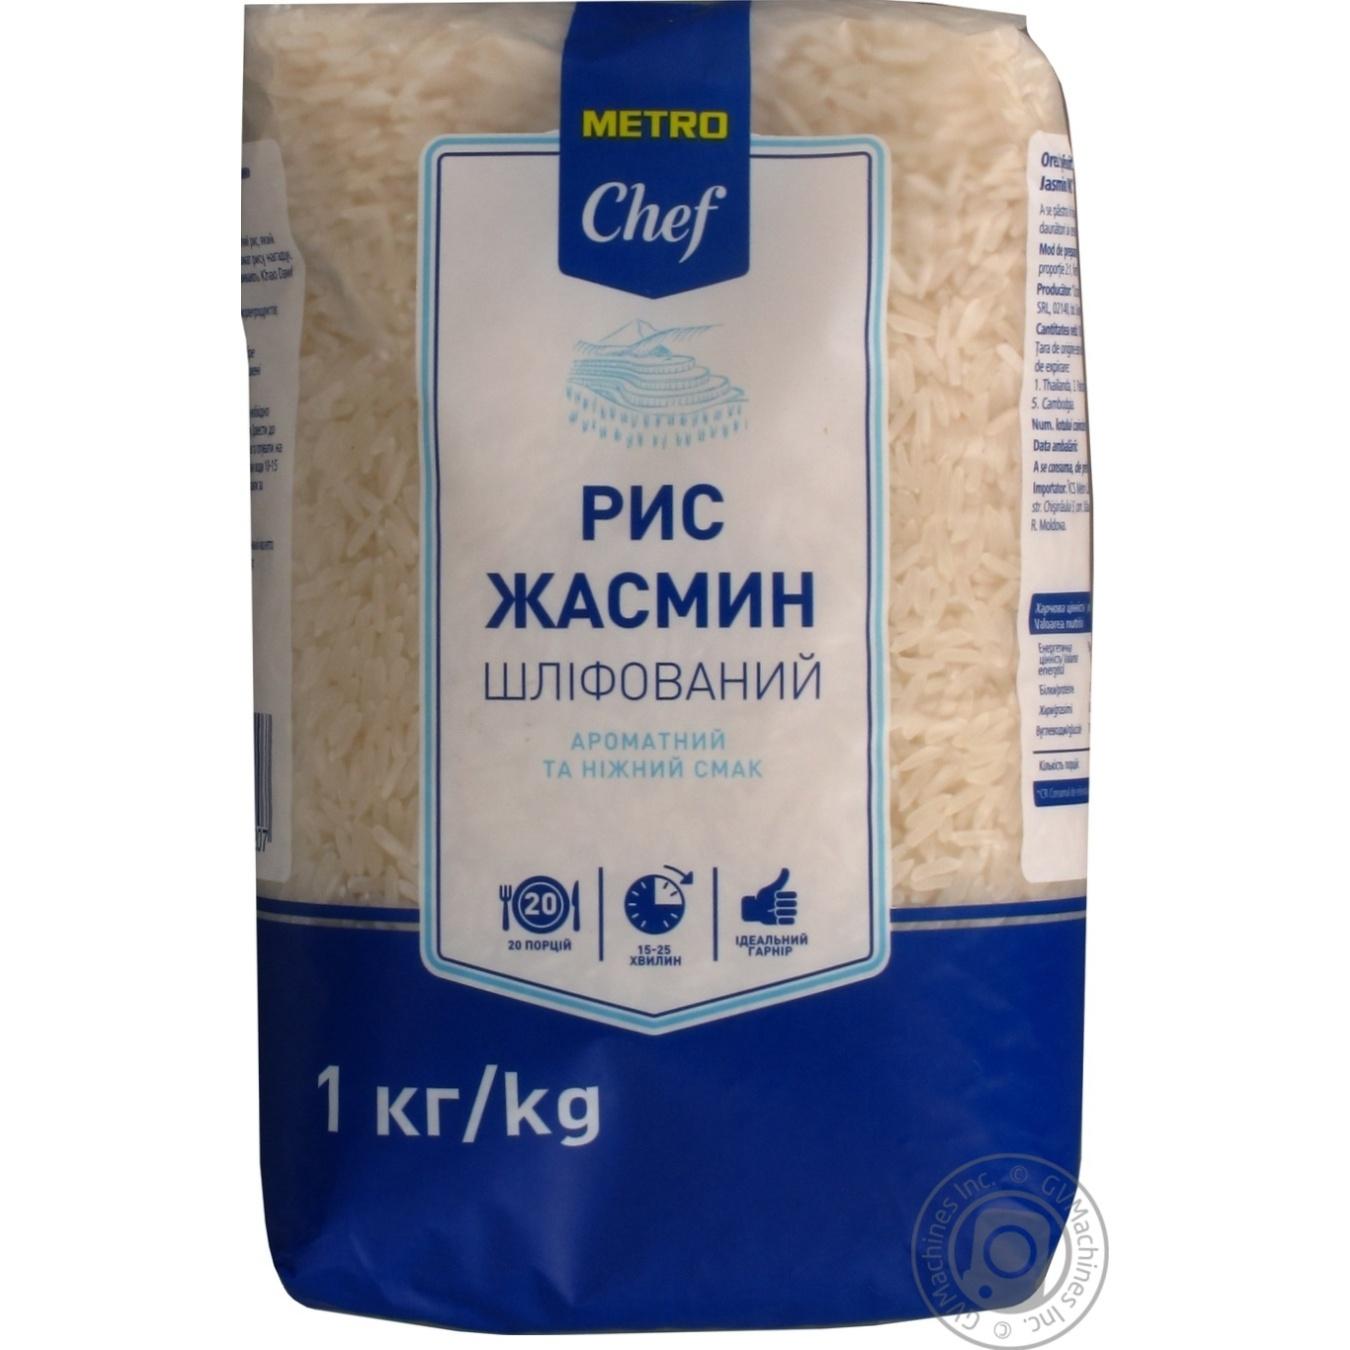 Купить Рис жасмин METRO Chef шлифованный 1кг